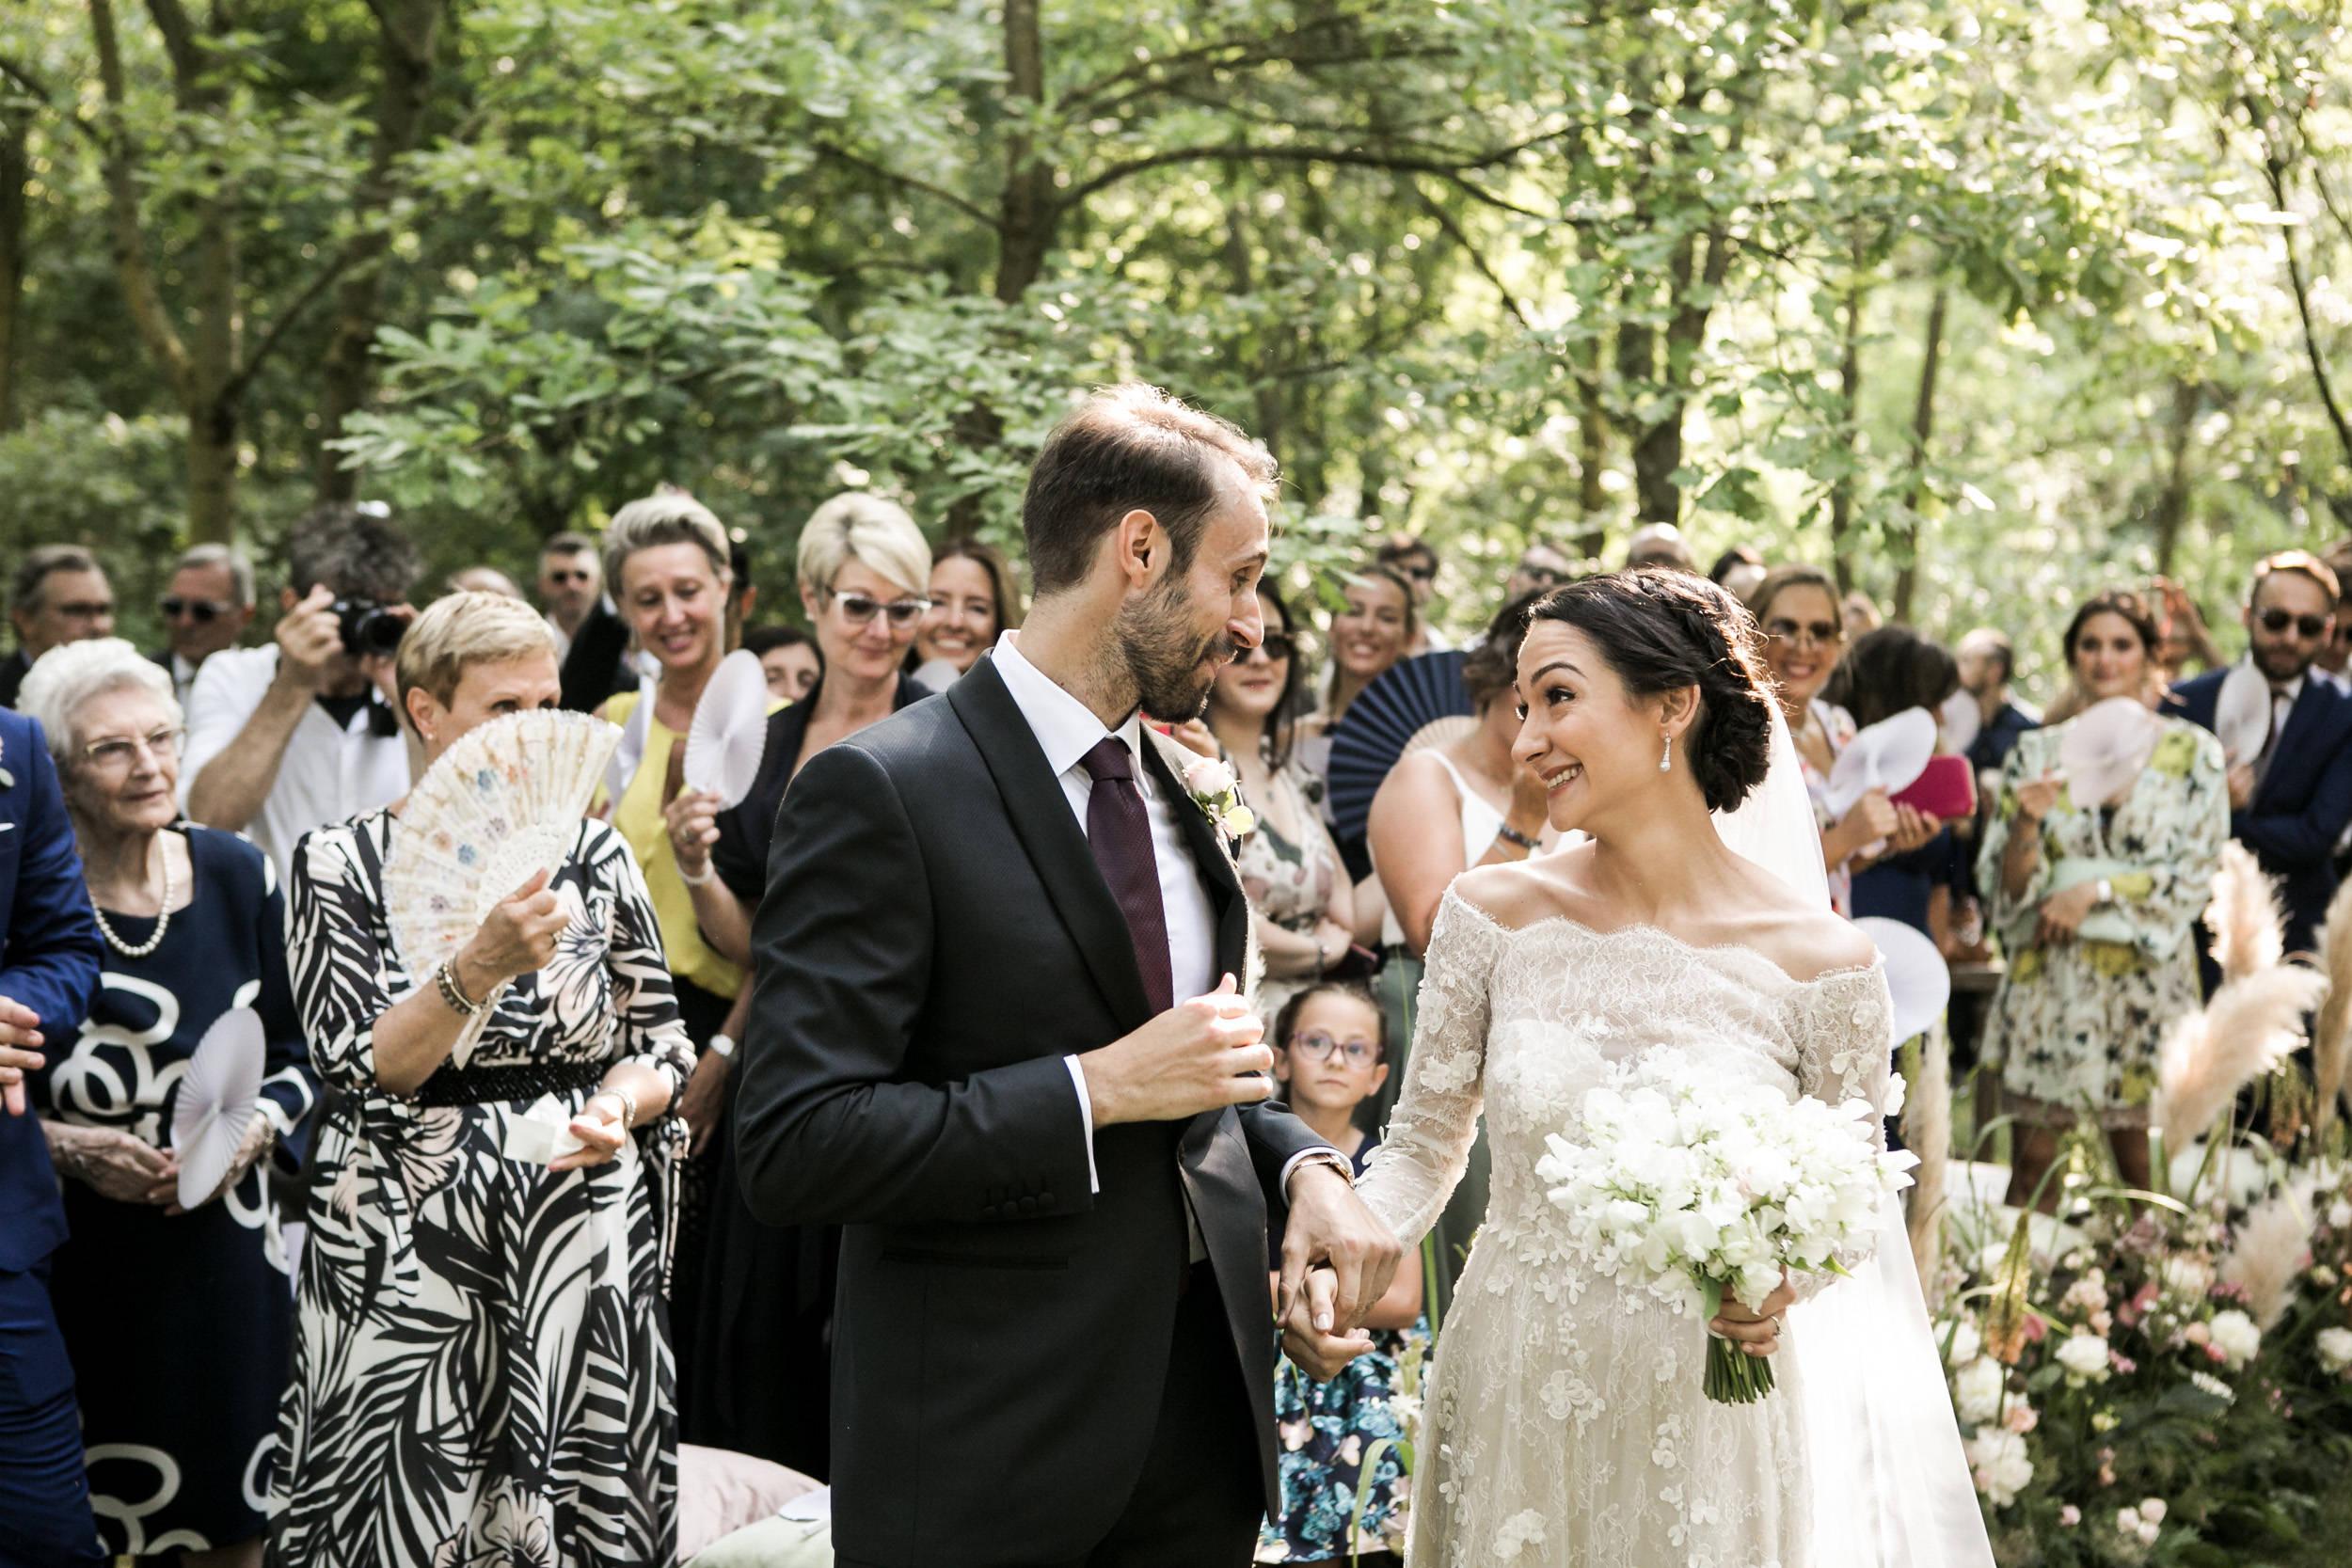 matrimonio_convento_annunciata_BA-035